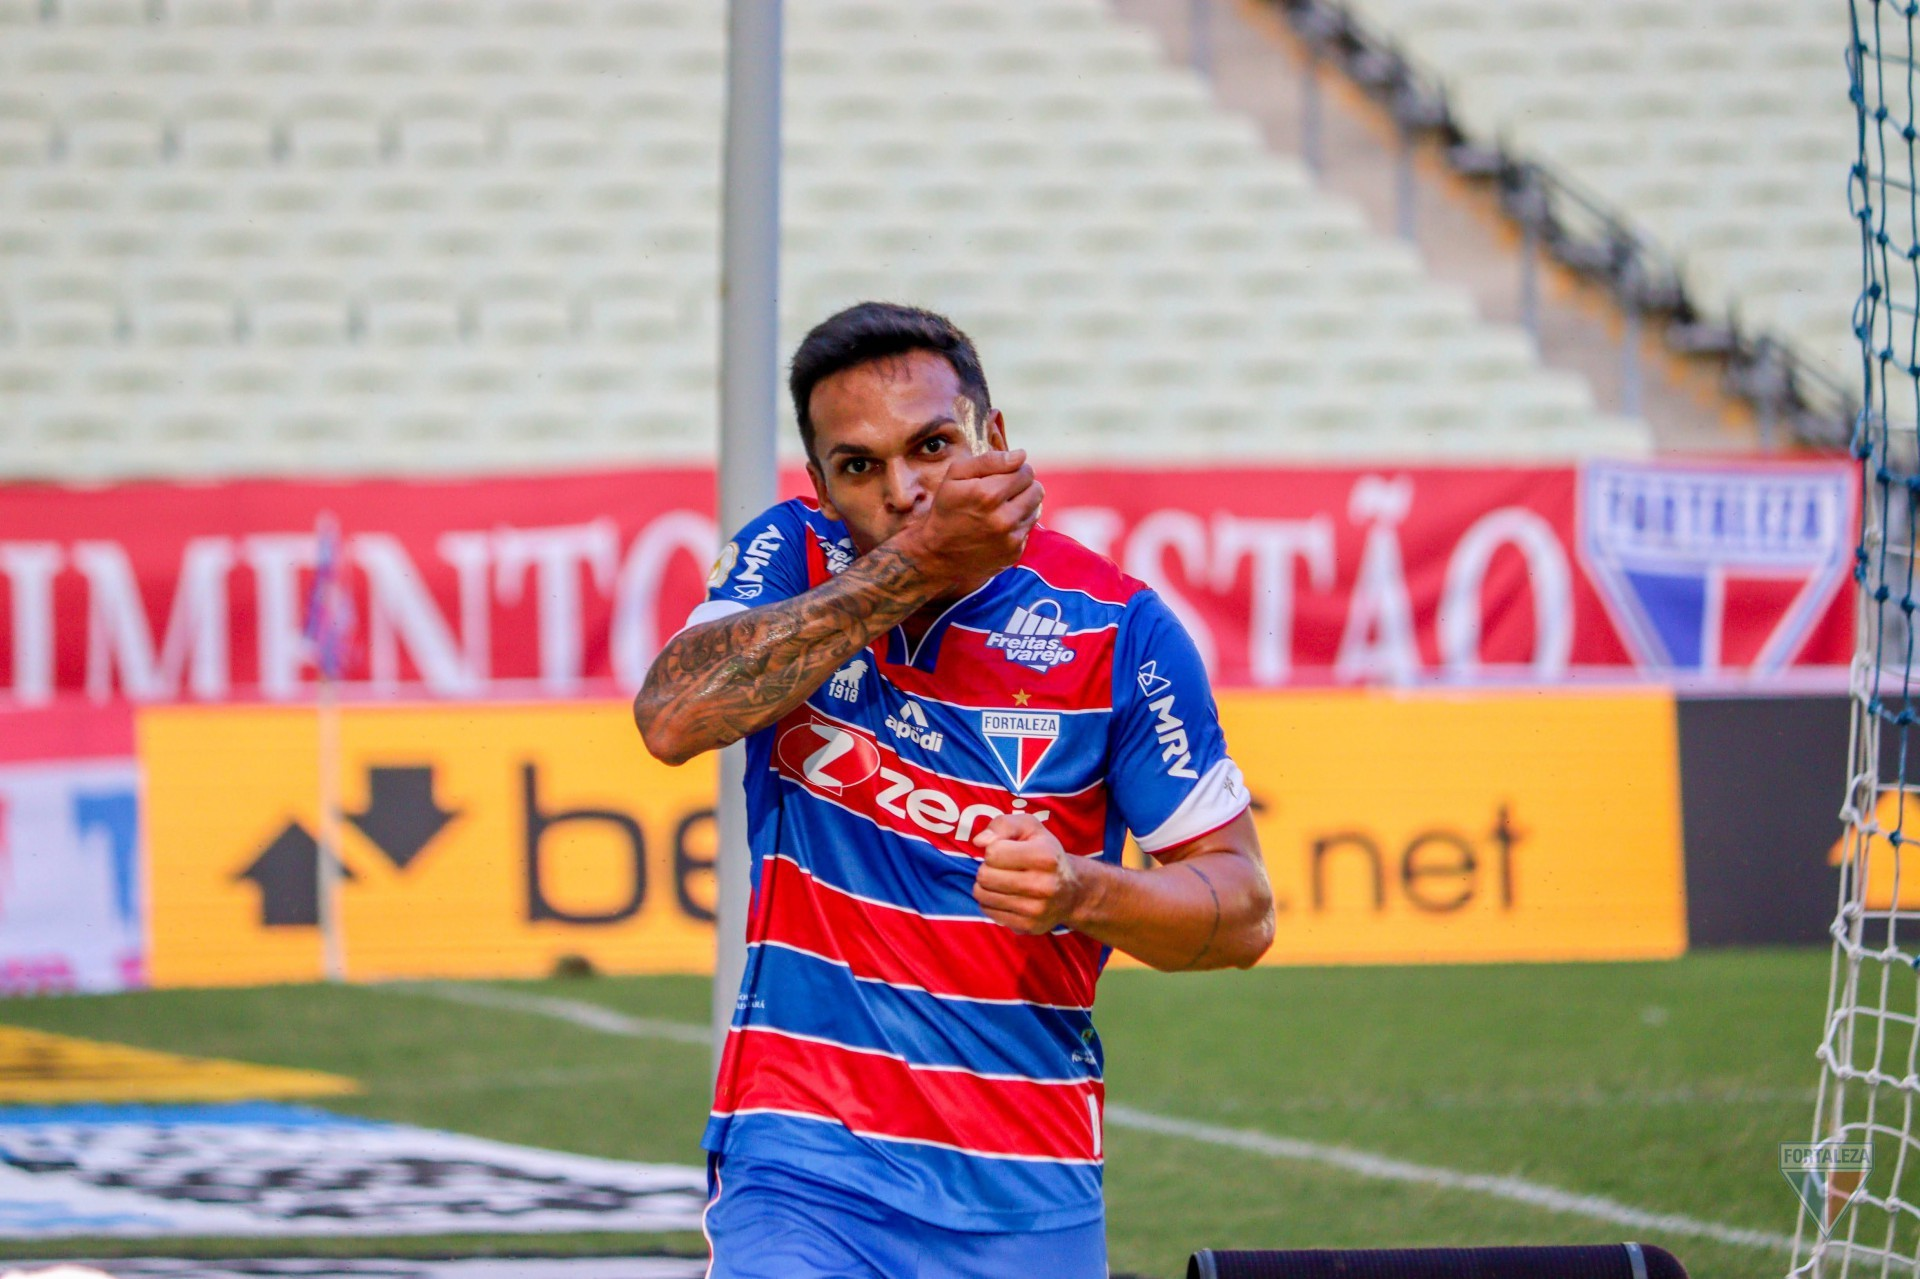 Robson marcou nos três jogos mais recentes do Fortaleza pela Série A (Foto: Leonardo Moreira /FortalezaEC)